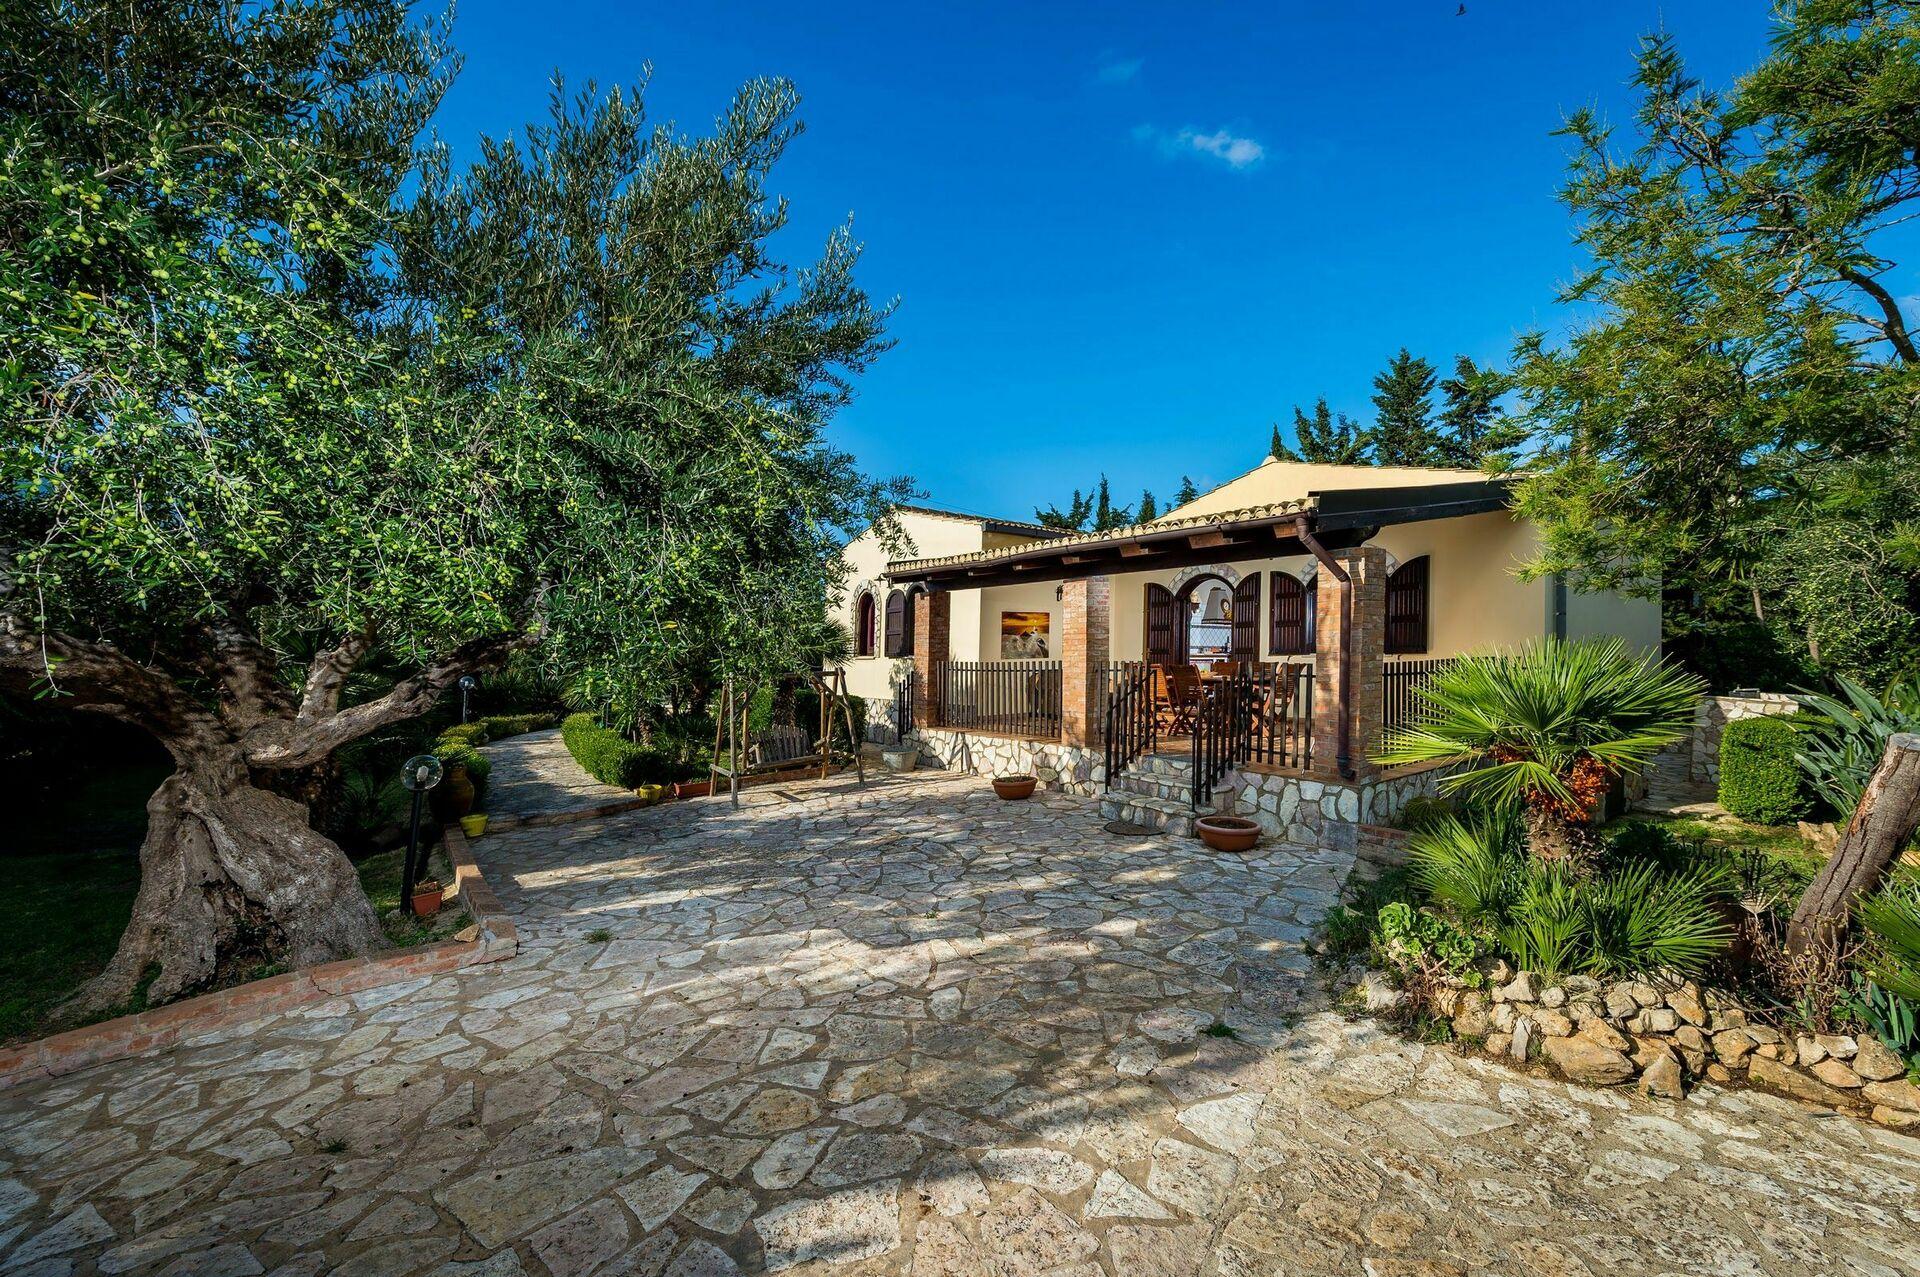 Villa dalila villa vacanze in affitto a castellammare del golfo sicilia casa vacanze con - Affitto casa vacanze sicilia con piscina ...